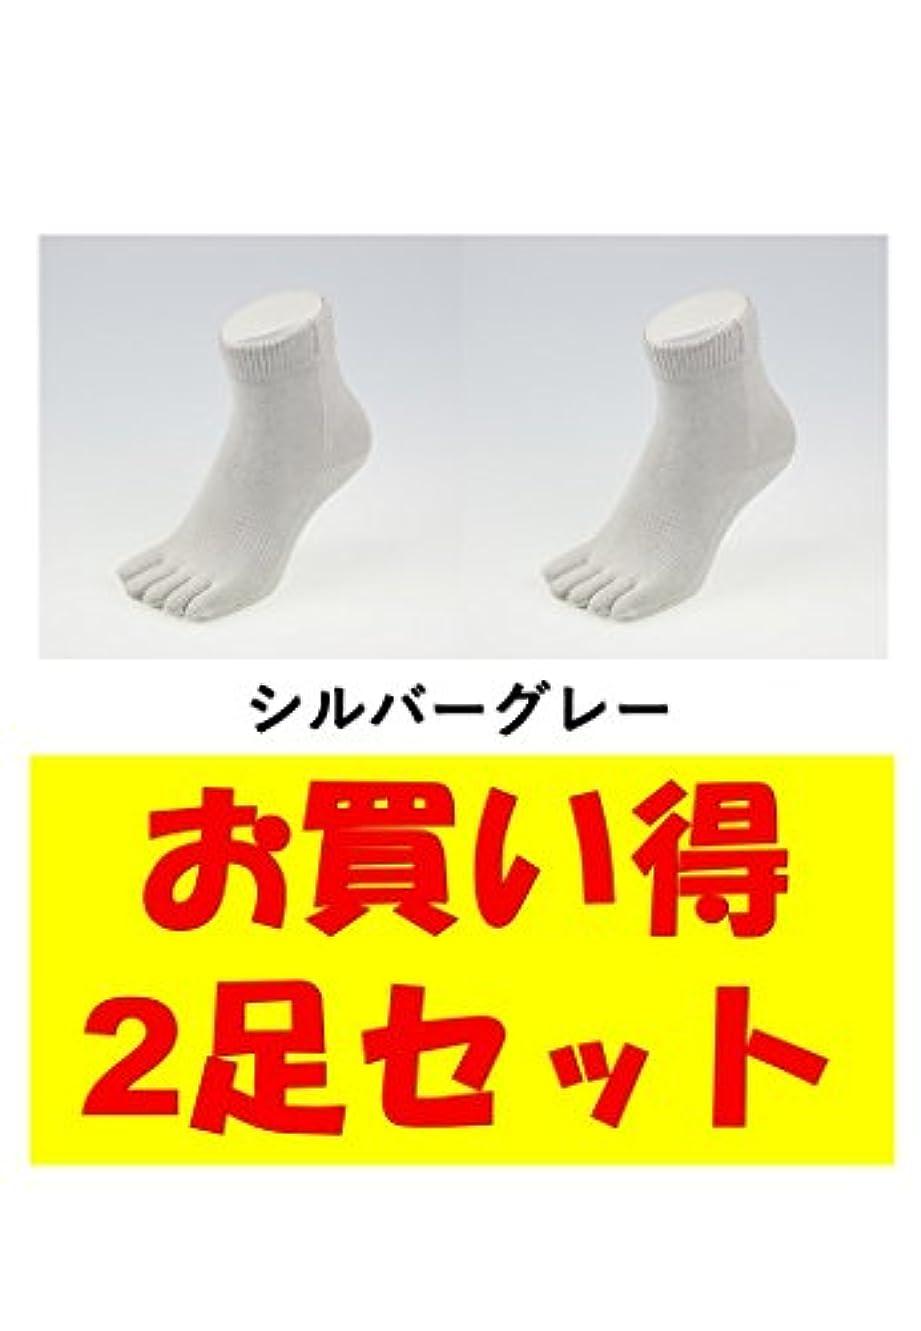 装置前文基準お買い得2足セット 5本指 ゆびのばソックス Neo EVE(イヴ) シルバーグレー iサイズ(23.5cm - 25.5cm) YSNEVE-SGL